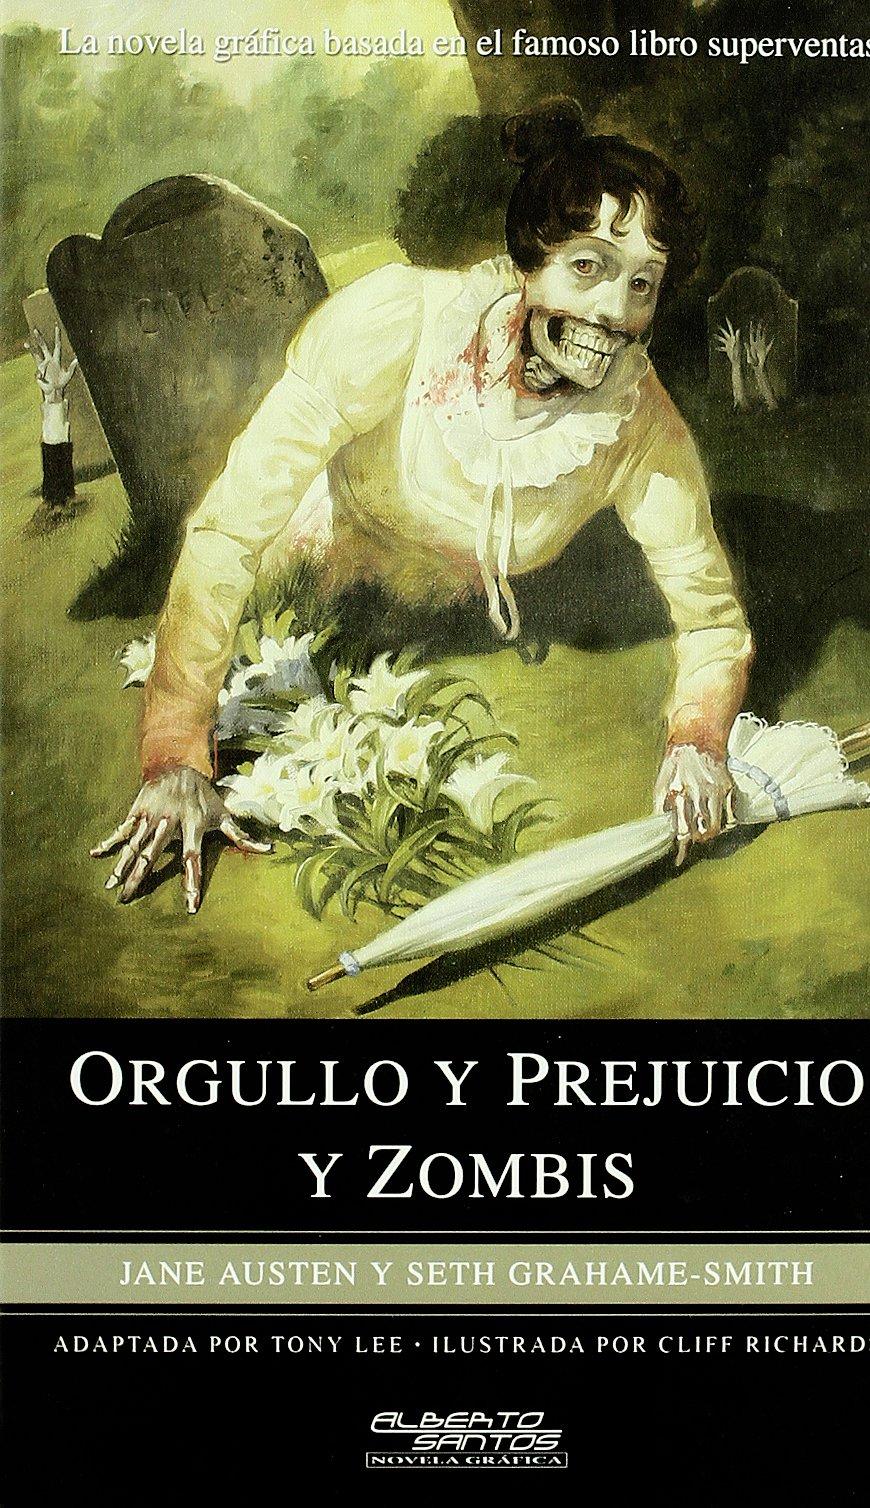 Orgullo y prejuicio y zombis: Amazon.es: Austen, Jane, Grahame-Smith, Seth: Libros